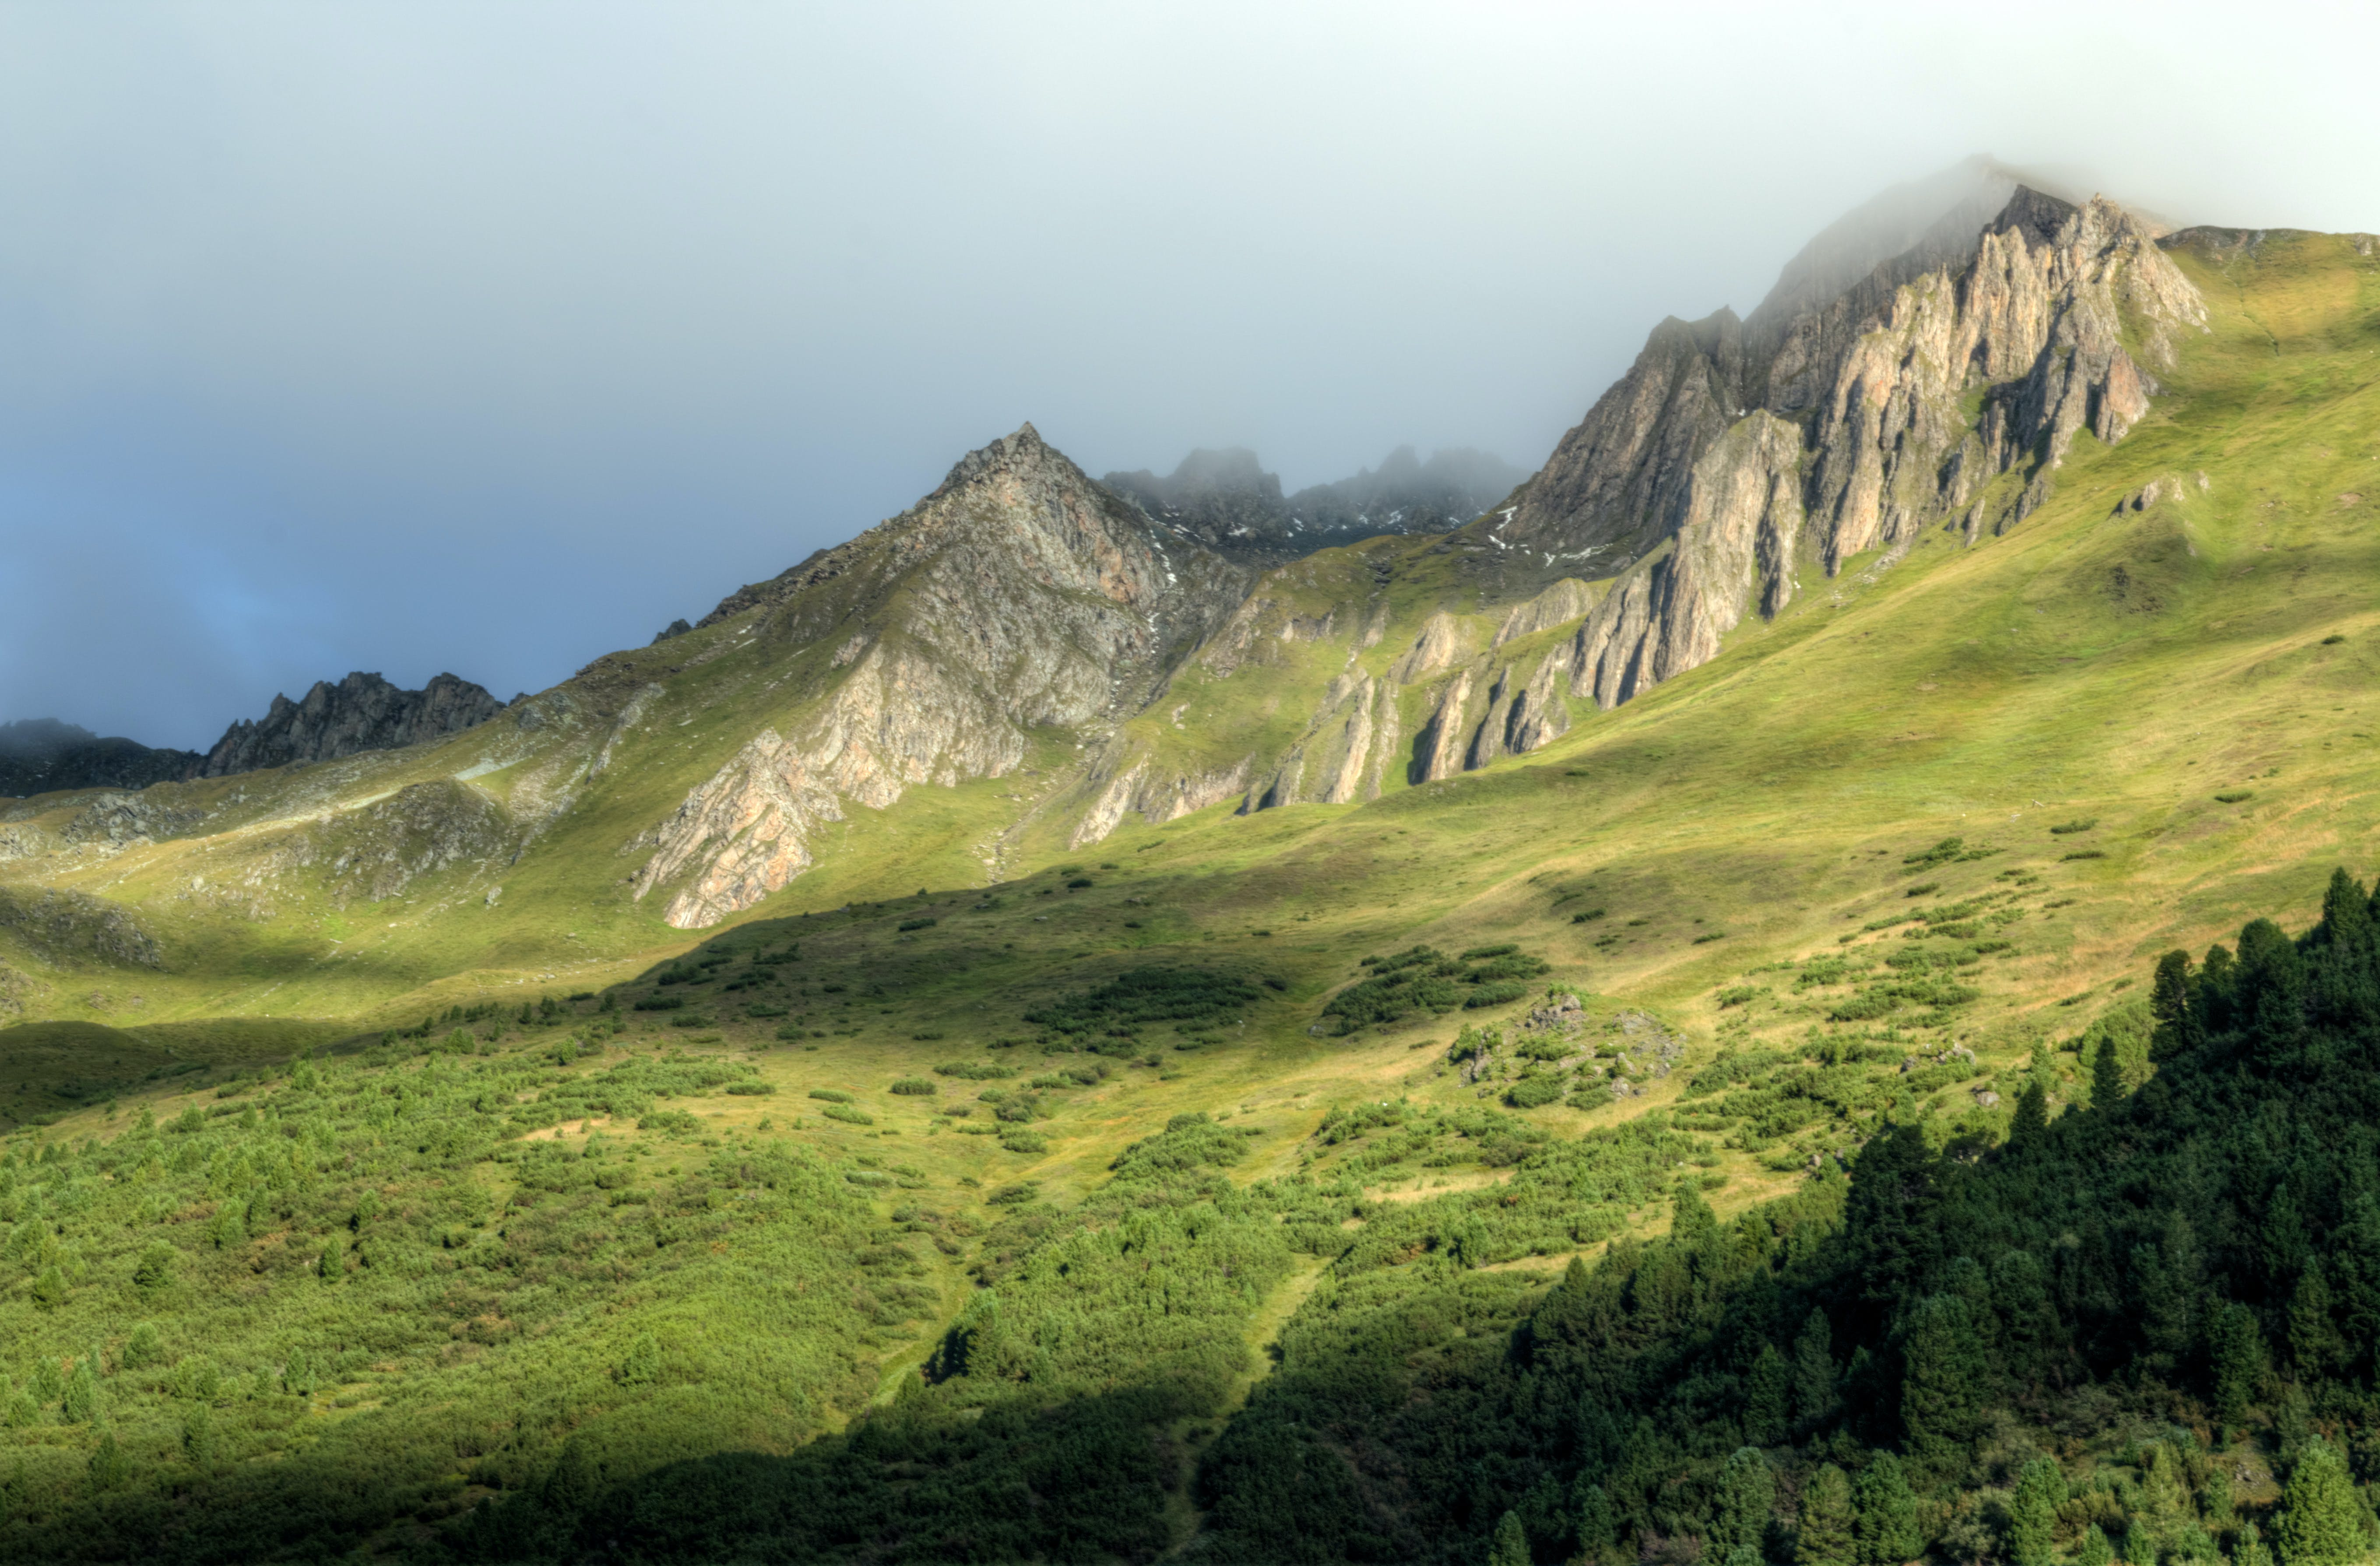 天性, 天空, 岩石的, 景觀 的 免費圖庫相片